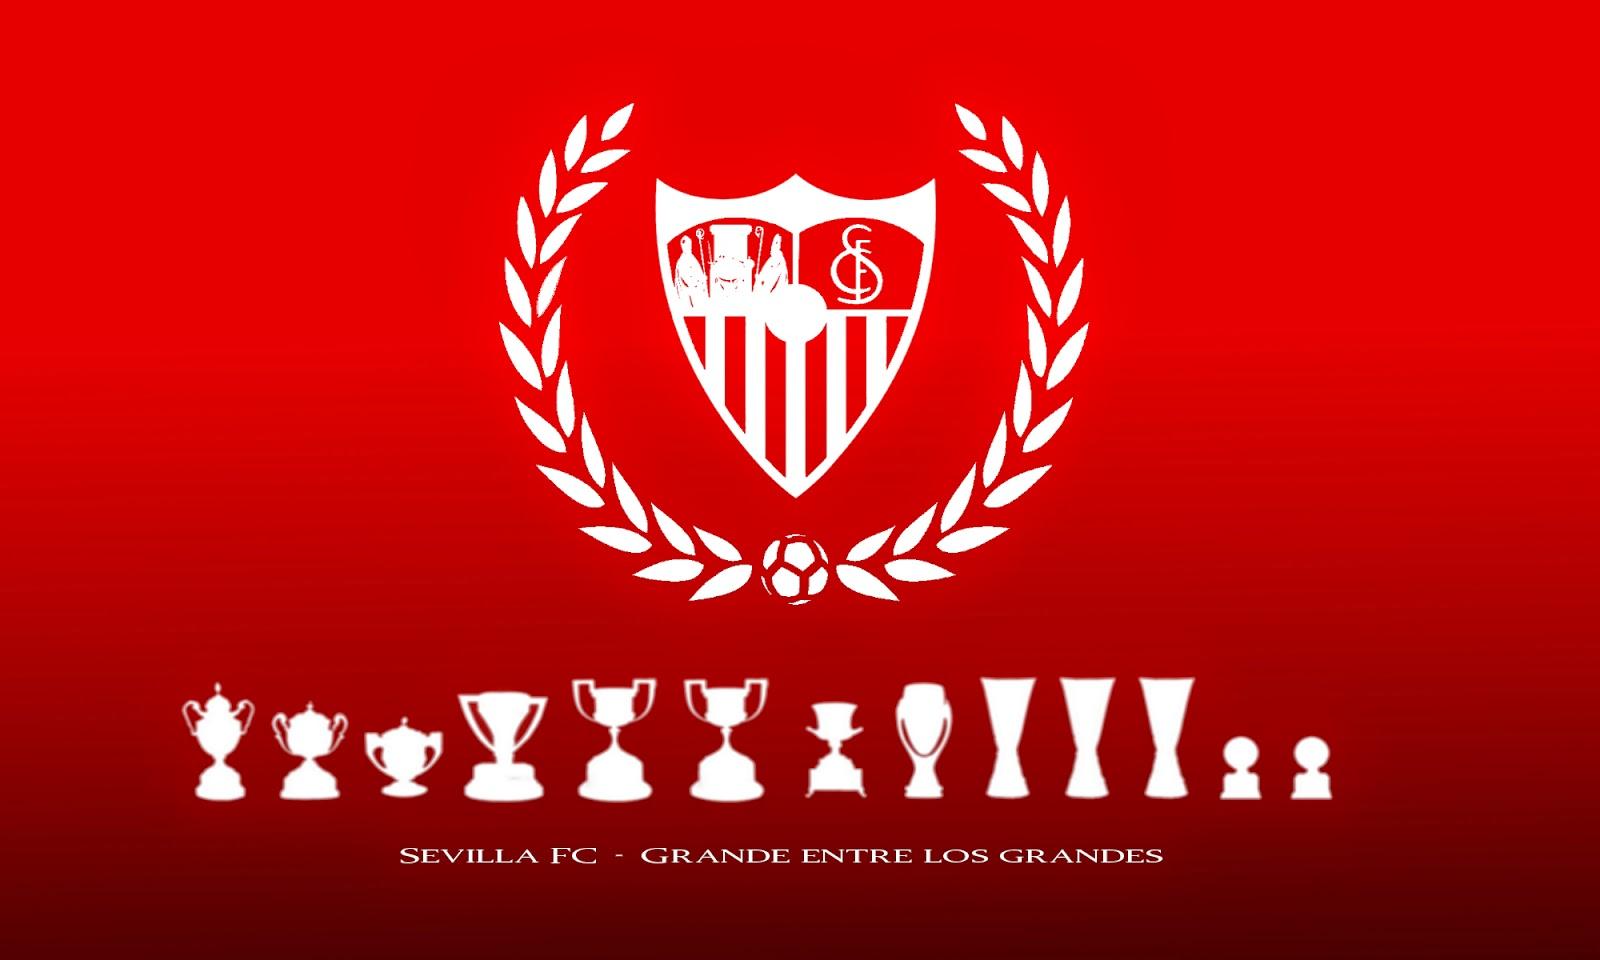 ¡El Sevilla a la final de la UEFA! - El Gancho